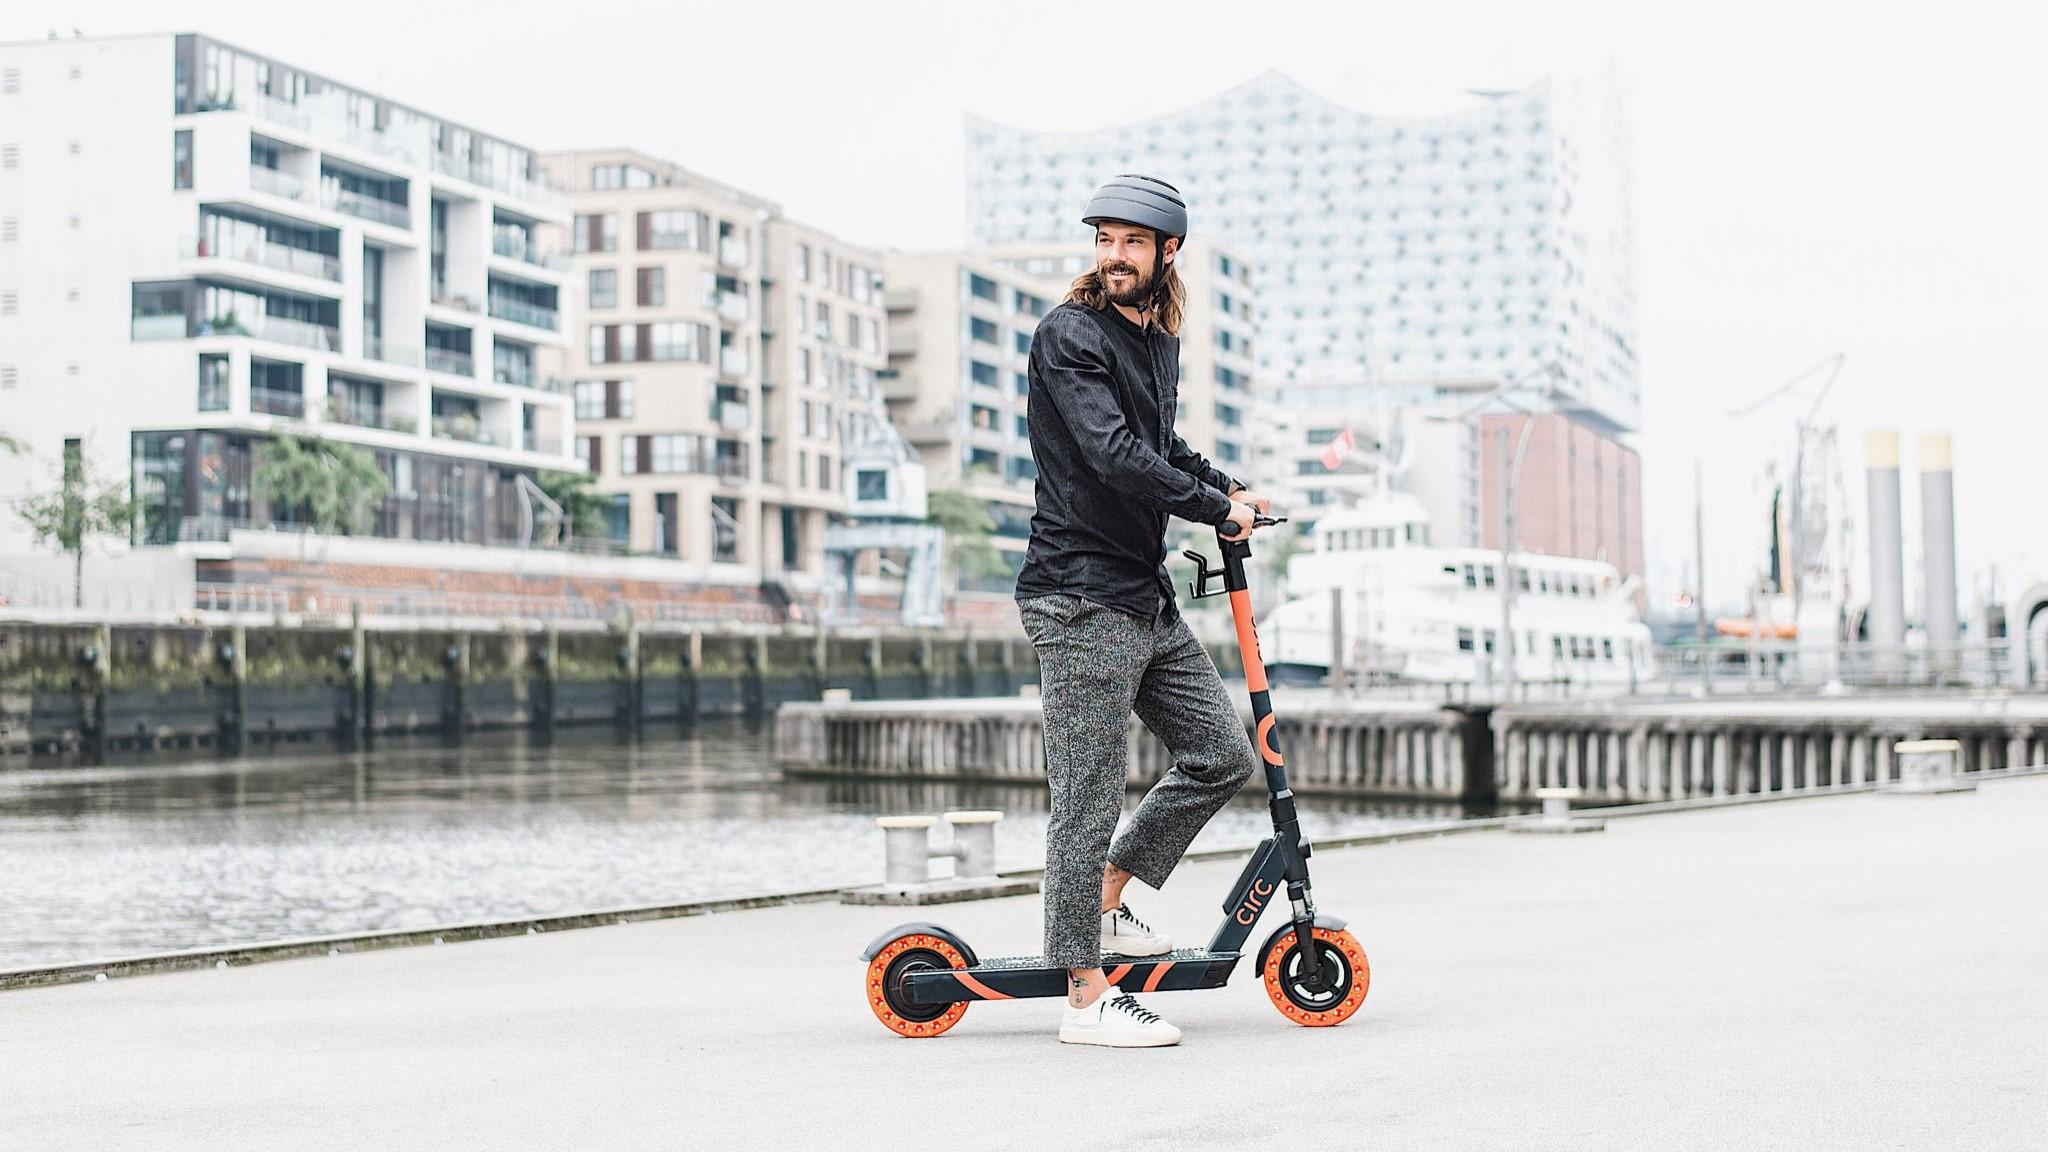 Circ, ehemals Flash, ist ein E-Scooter-Start-up aus Berlin. Foto: Circ